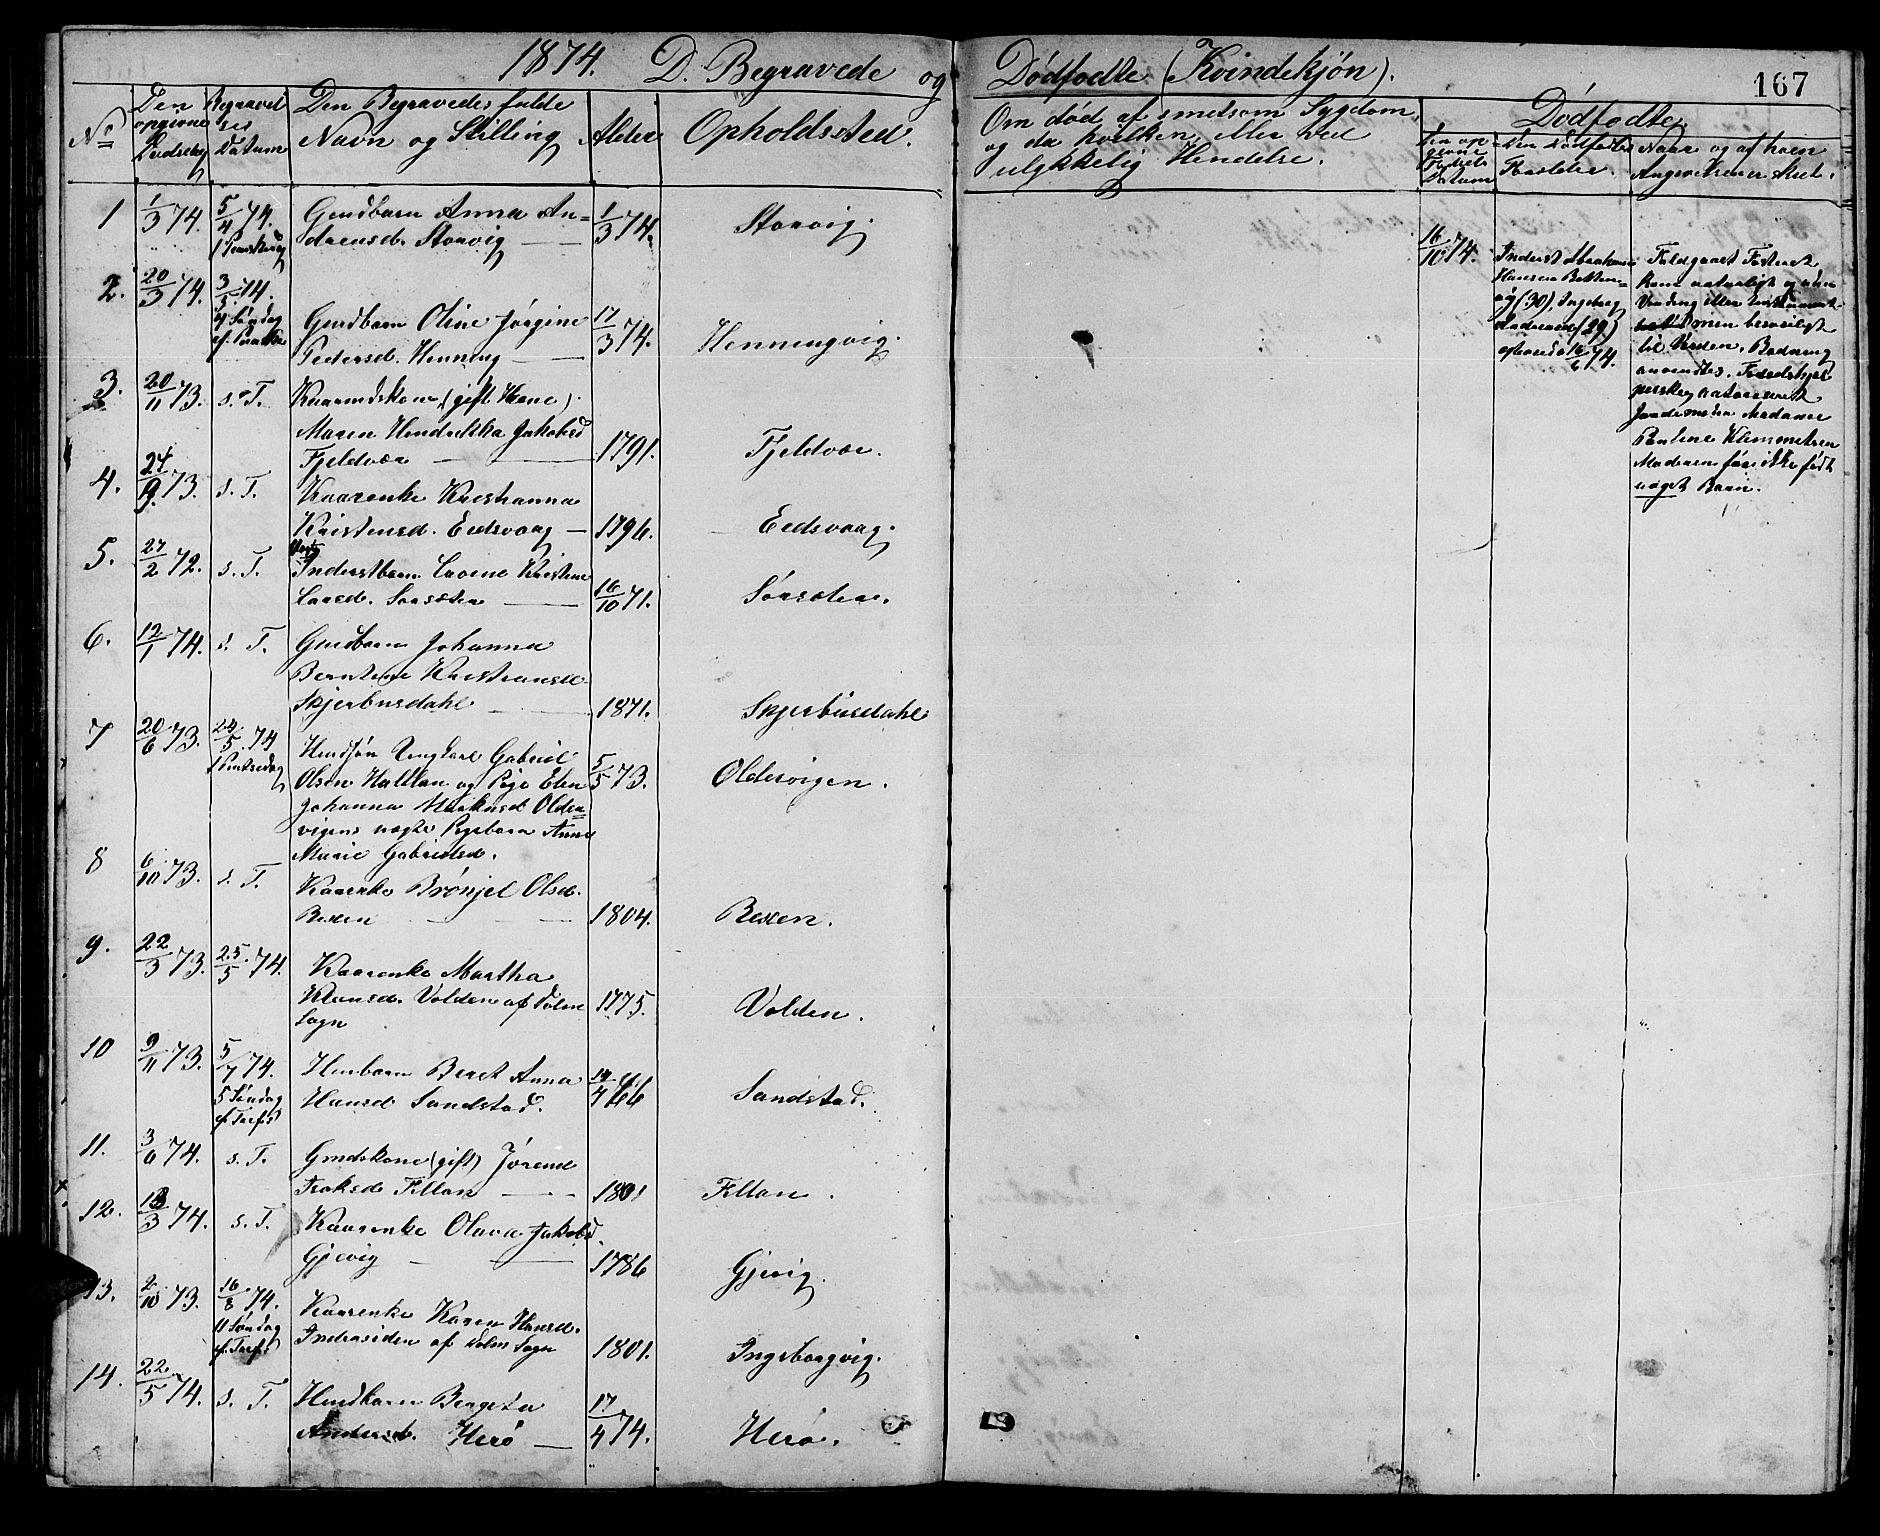 SAT, Ministerialprotokoller, klokkerbøker og fødselsregistre - Sør-Trøndelag, 637/L0561: Klokkerbok nr. 637C02, 1873-1882, s. 167